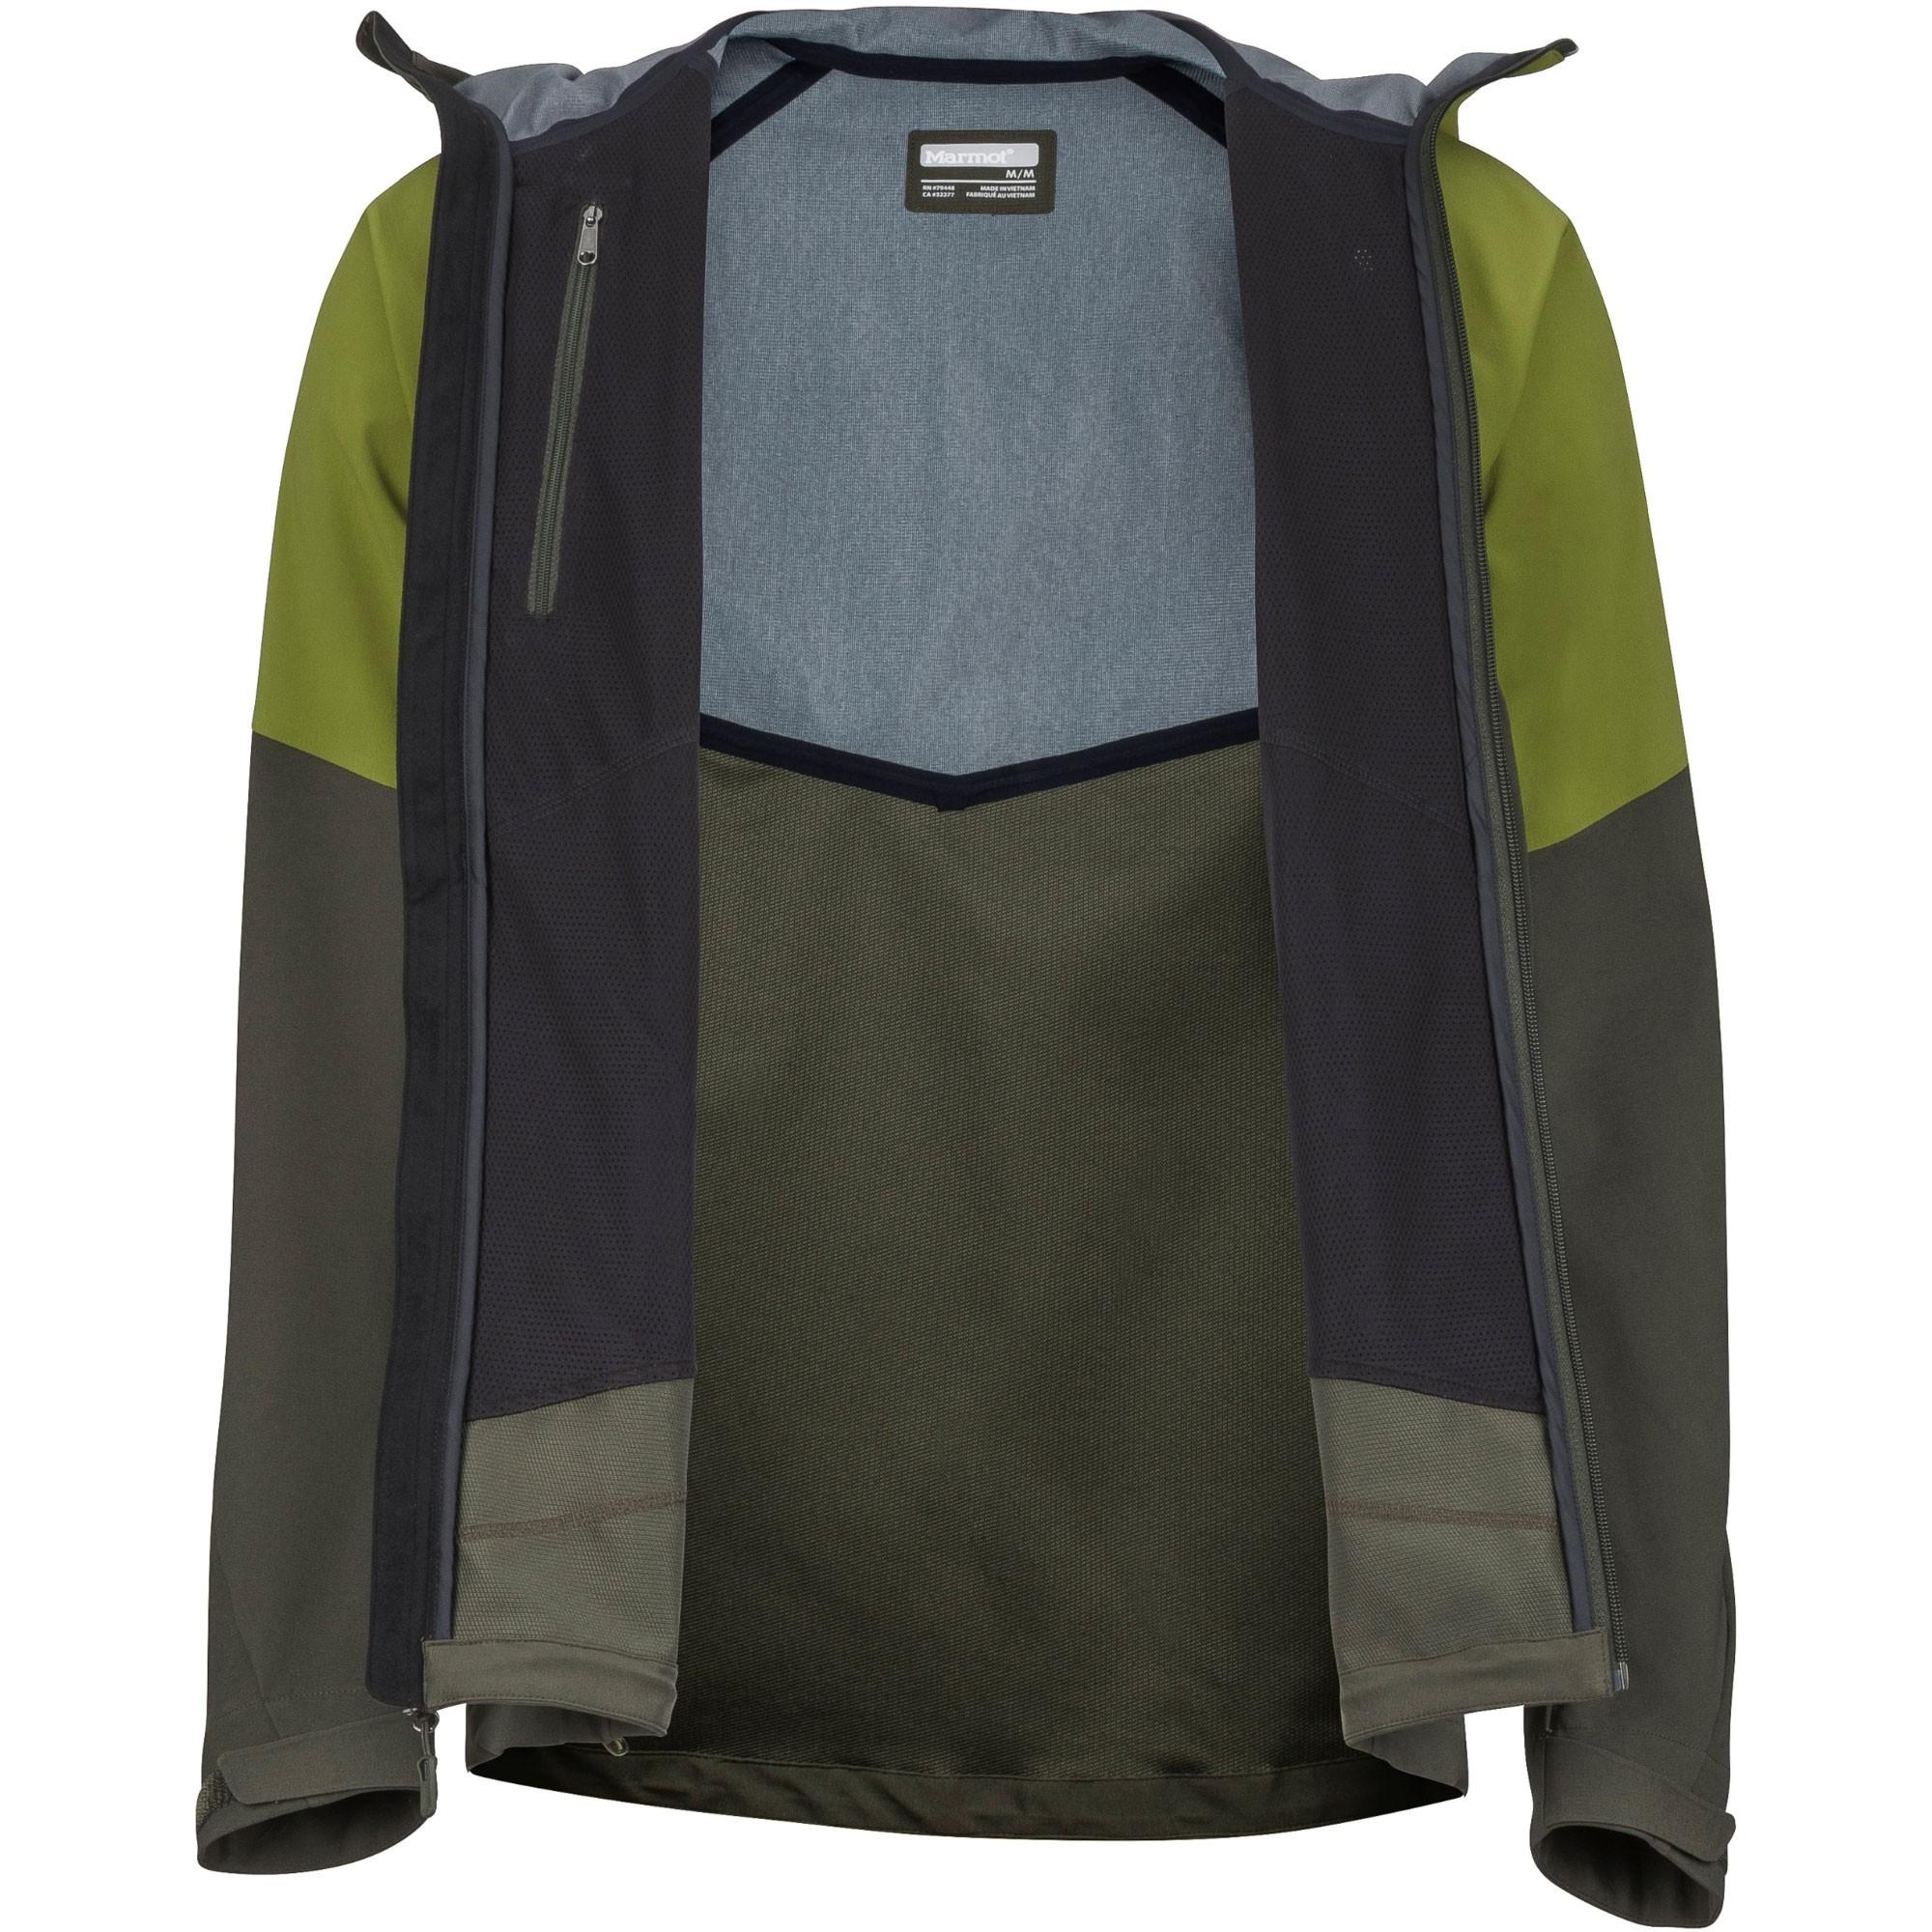 Marmot ROM Men's Softshell Jacket - Calla Green/Rosin Green